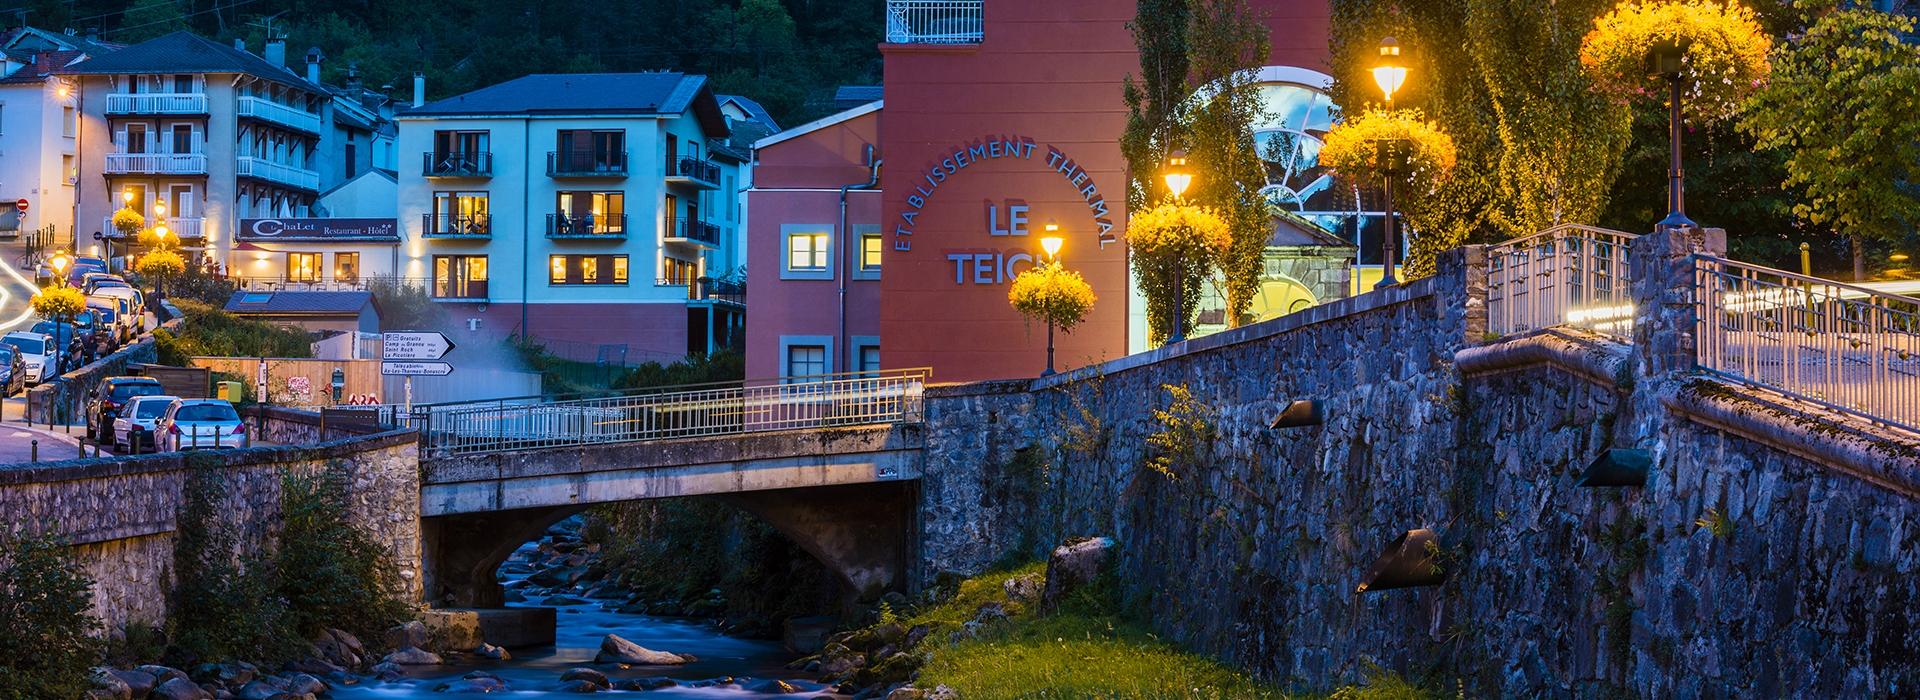 Vue extérieure sur le restaurant hôtel Le Chalet et sur le Teich à Ax les Thermes